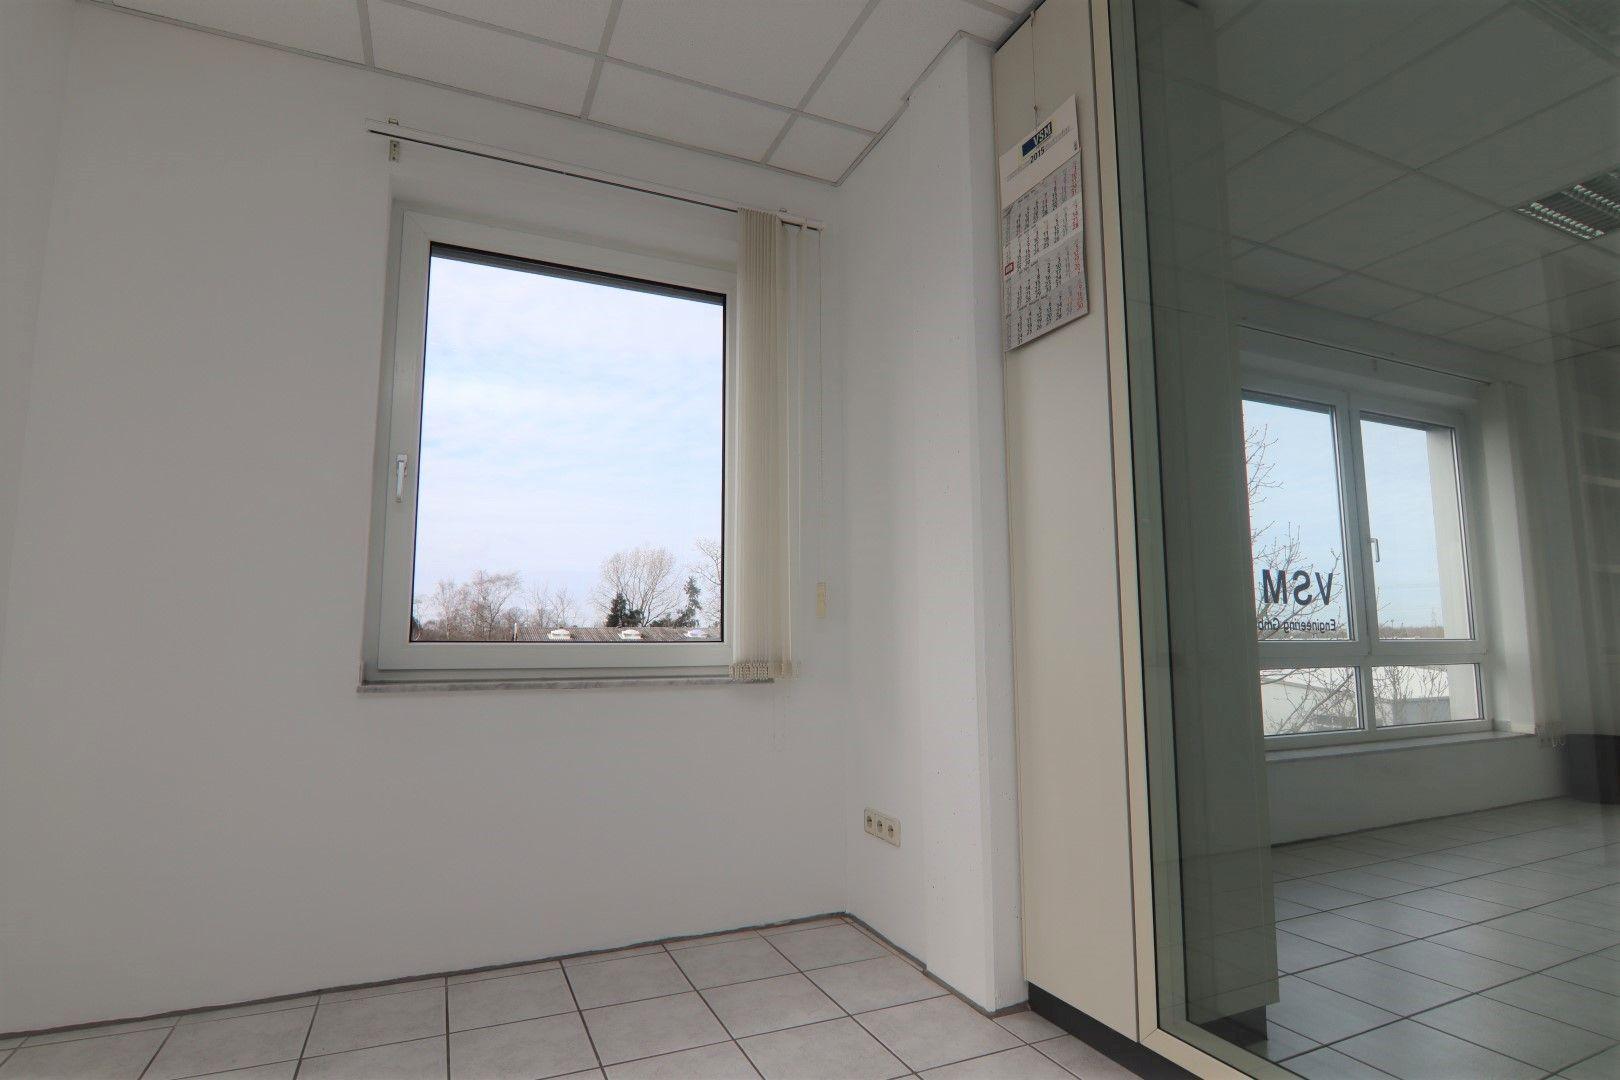 Immobilie Nr.0295 - Bürofläche mit WC-Anlage, Küche u. Aufzug - Bild 16.jpg